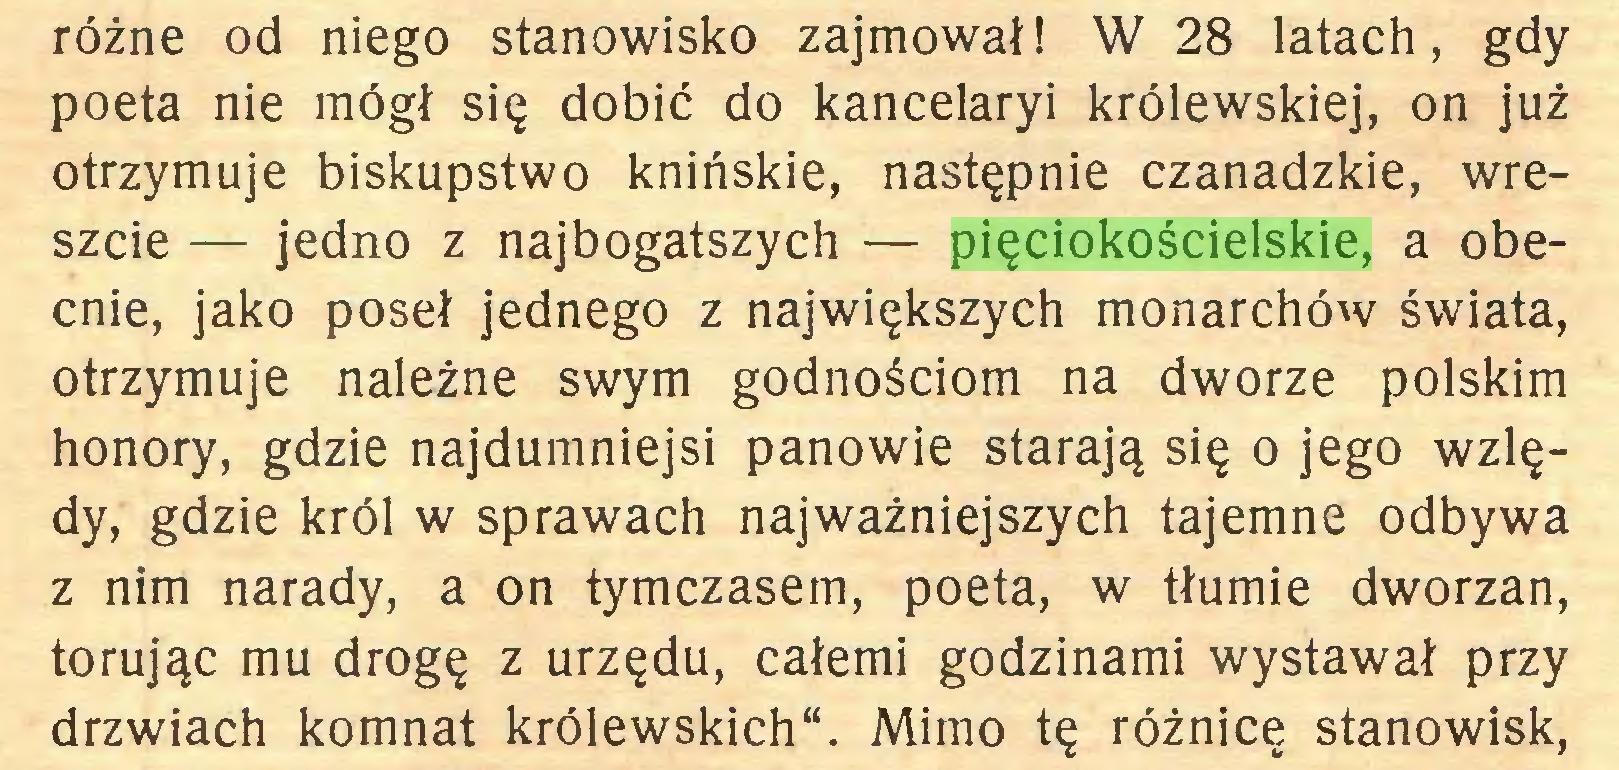 """(...) różne od niego stanowisko zajmował! W 28 latach, gdy poeta nie mógł się dobić do kancelaryi królewskiej, on już otrzymuje biskupstwo knińskie, następnie czanadzkie, wreszcie — jedno z najbogatszych — pięciokościelskie, a obecnie, jako poseł jednego z największych monarchów świata, otrzymuje należne swym godnościom na dworze polskim honory, gdzie najdumniejsi panowie starają się o jego wzlędy, gdzie król w sprawach najważniejszych tajemne odbywa z nim narady, a on tymczasem, poeta, w tłumie dworzan, torując mu drogę z urzędu, całemi godzinami wystawał przy drzwiach komnat królewskich"""". Mimo tę różnicę stanowisk,..."""